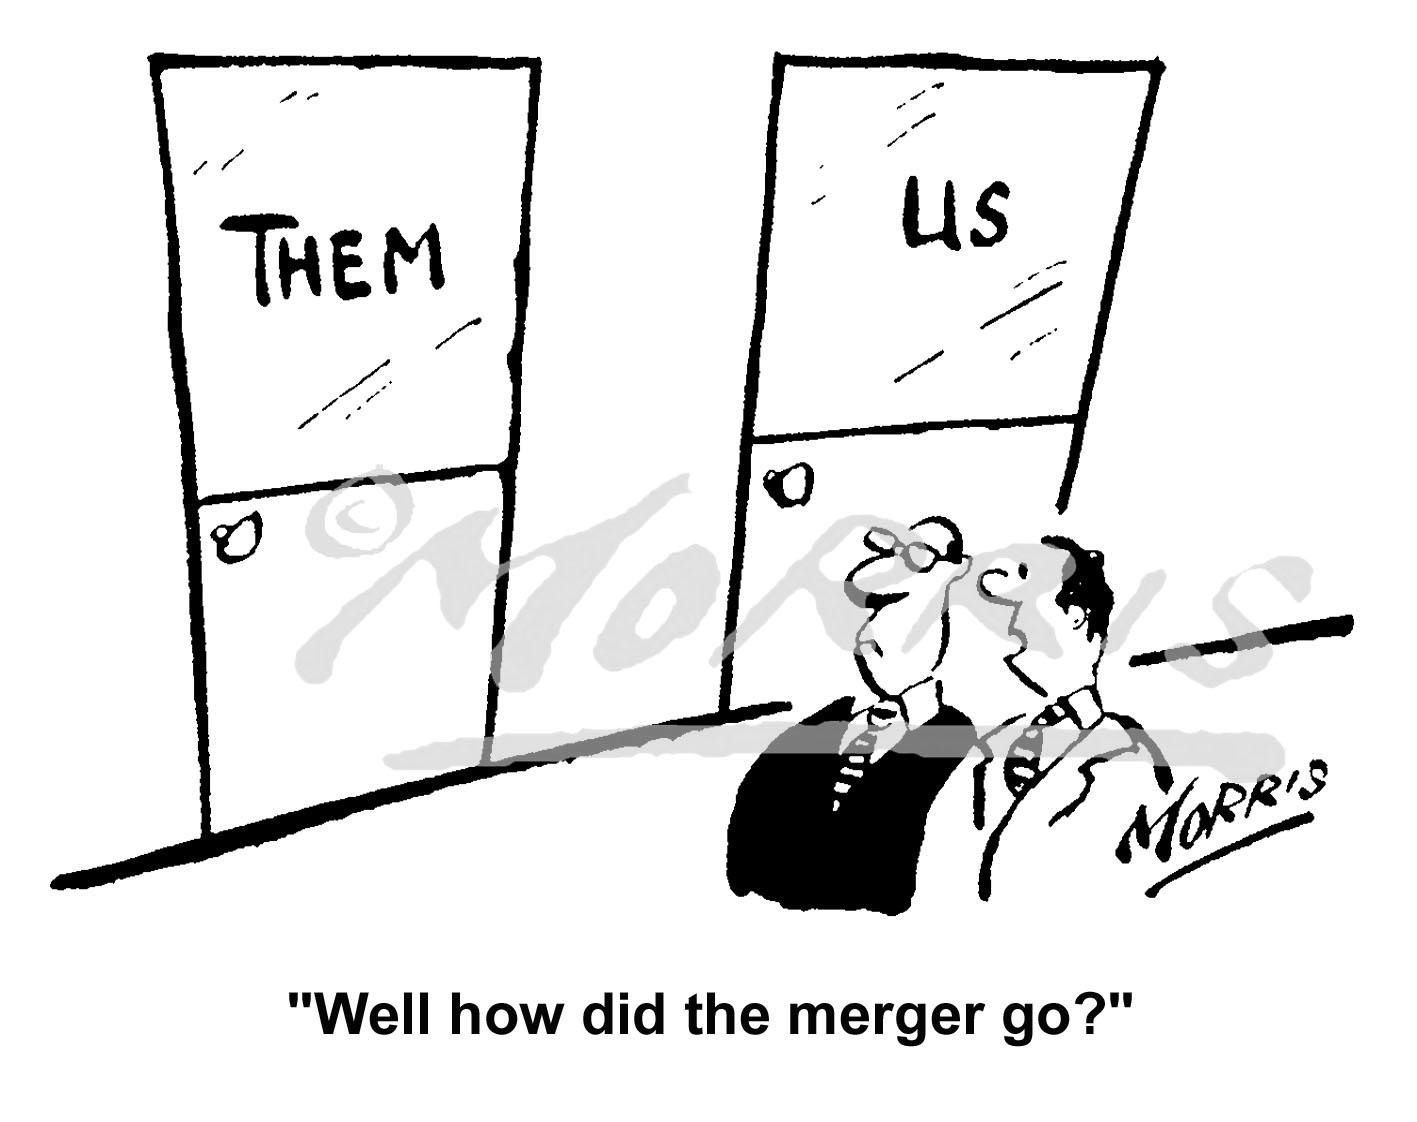 Company merger cartoon